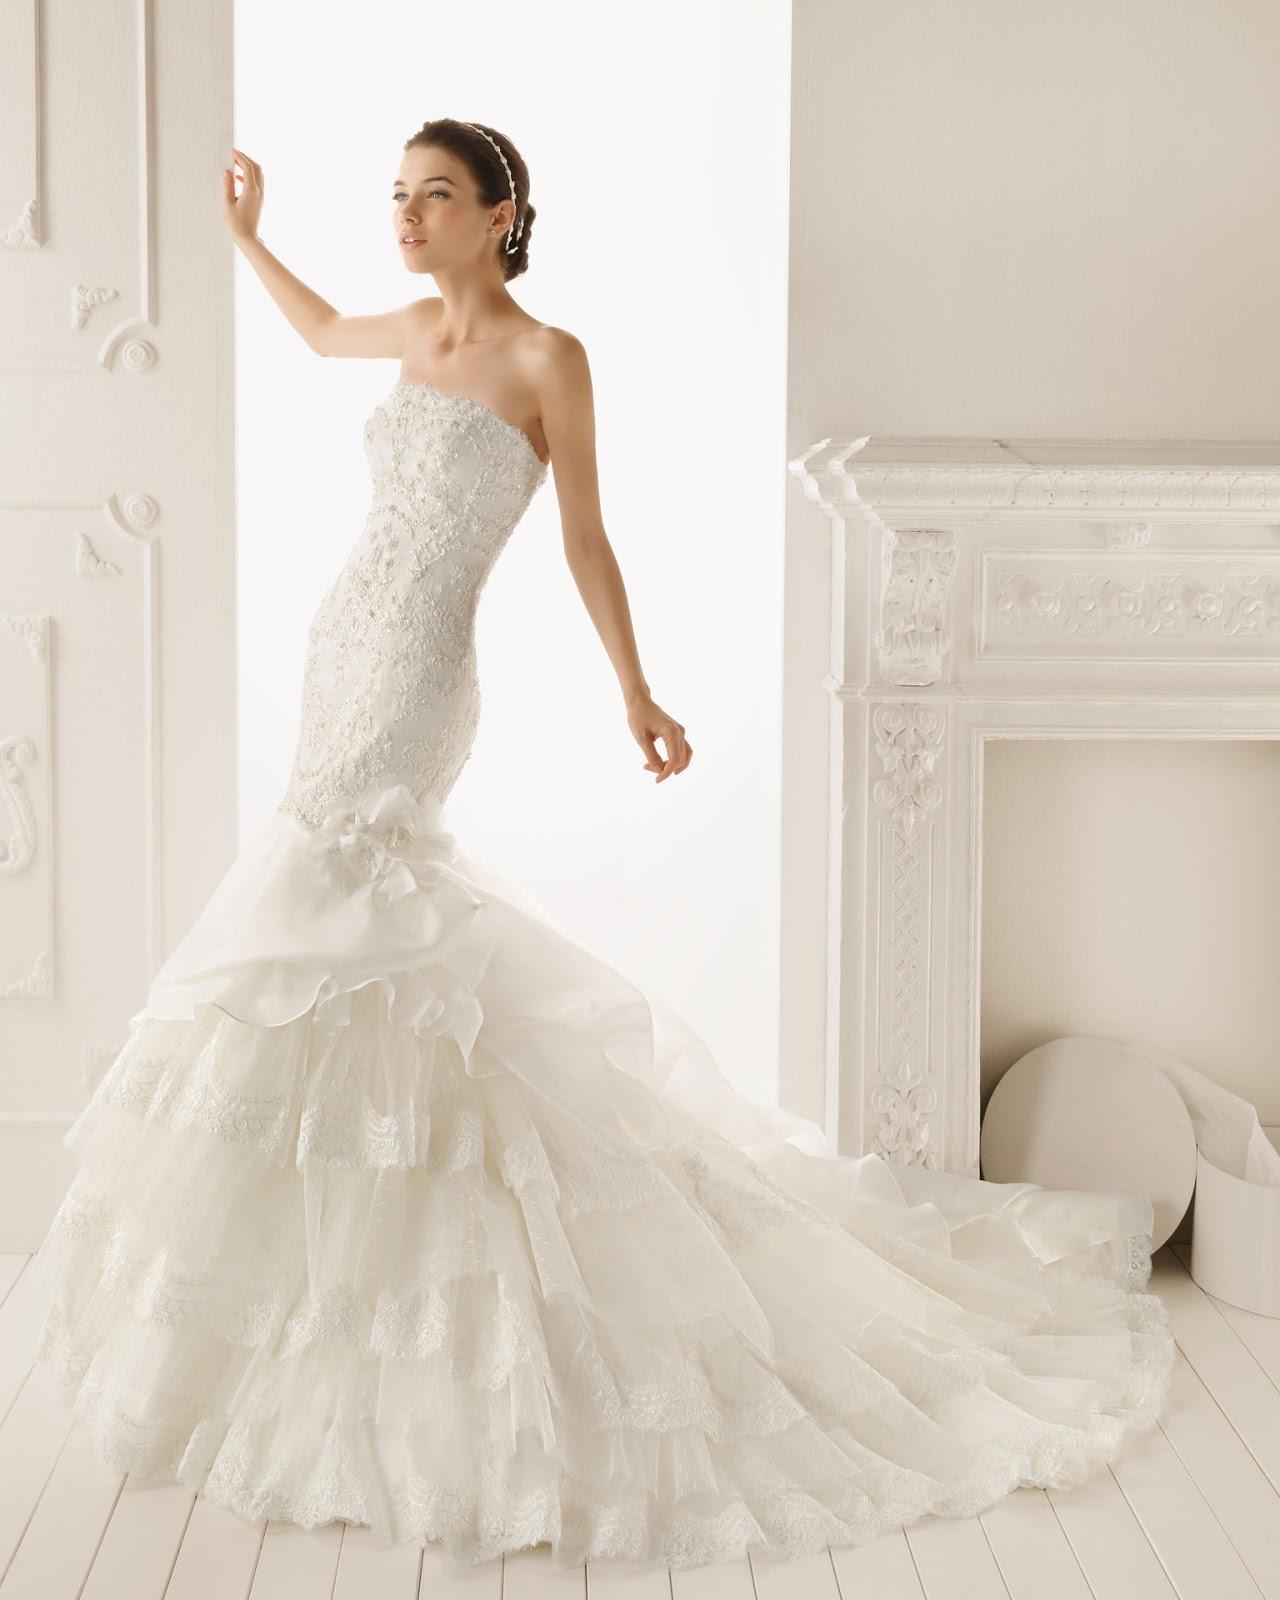 Brautkleider Mode Online: März 2013